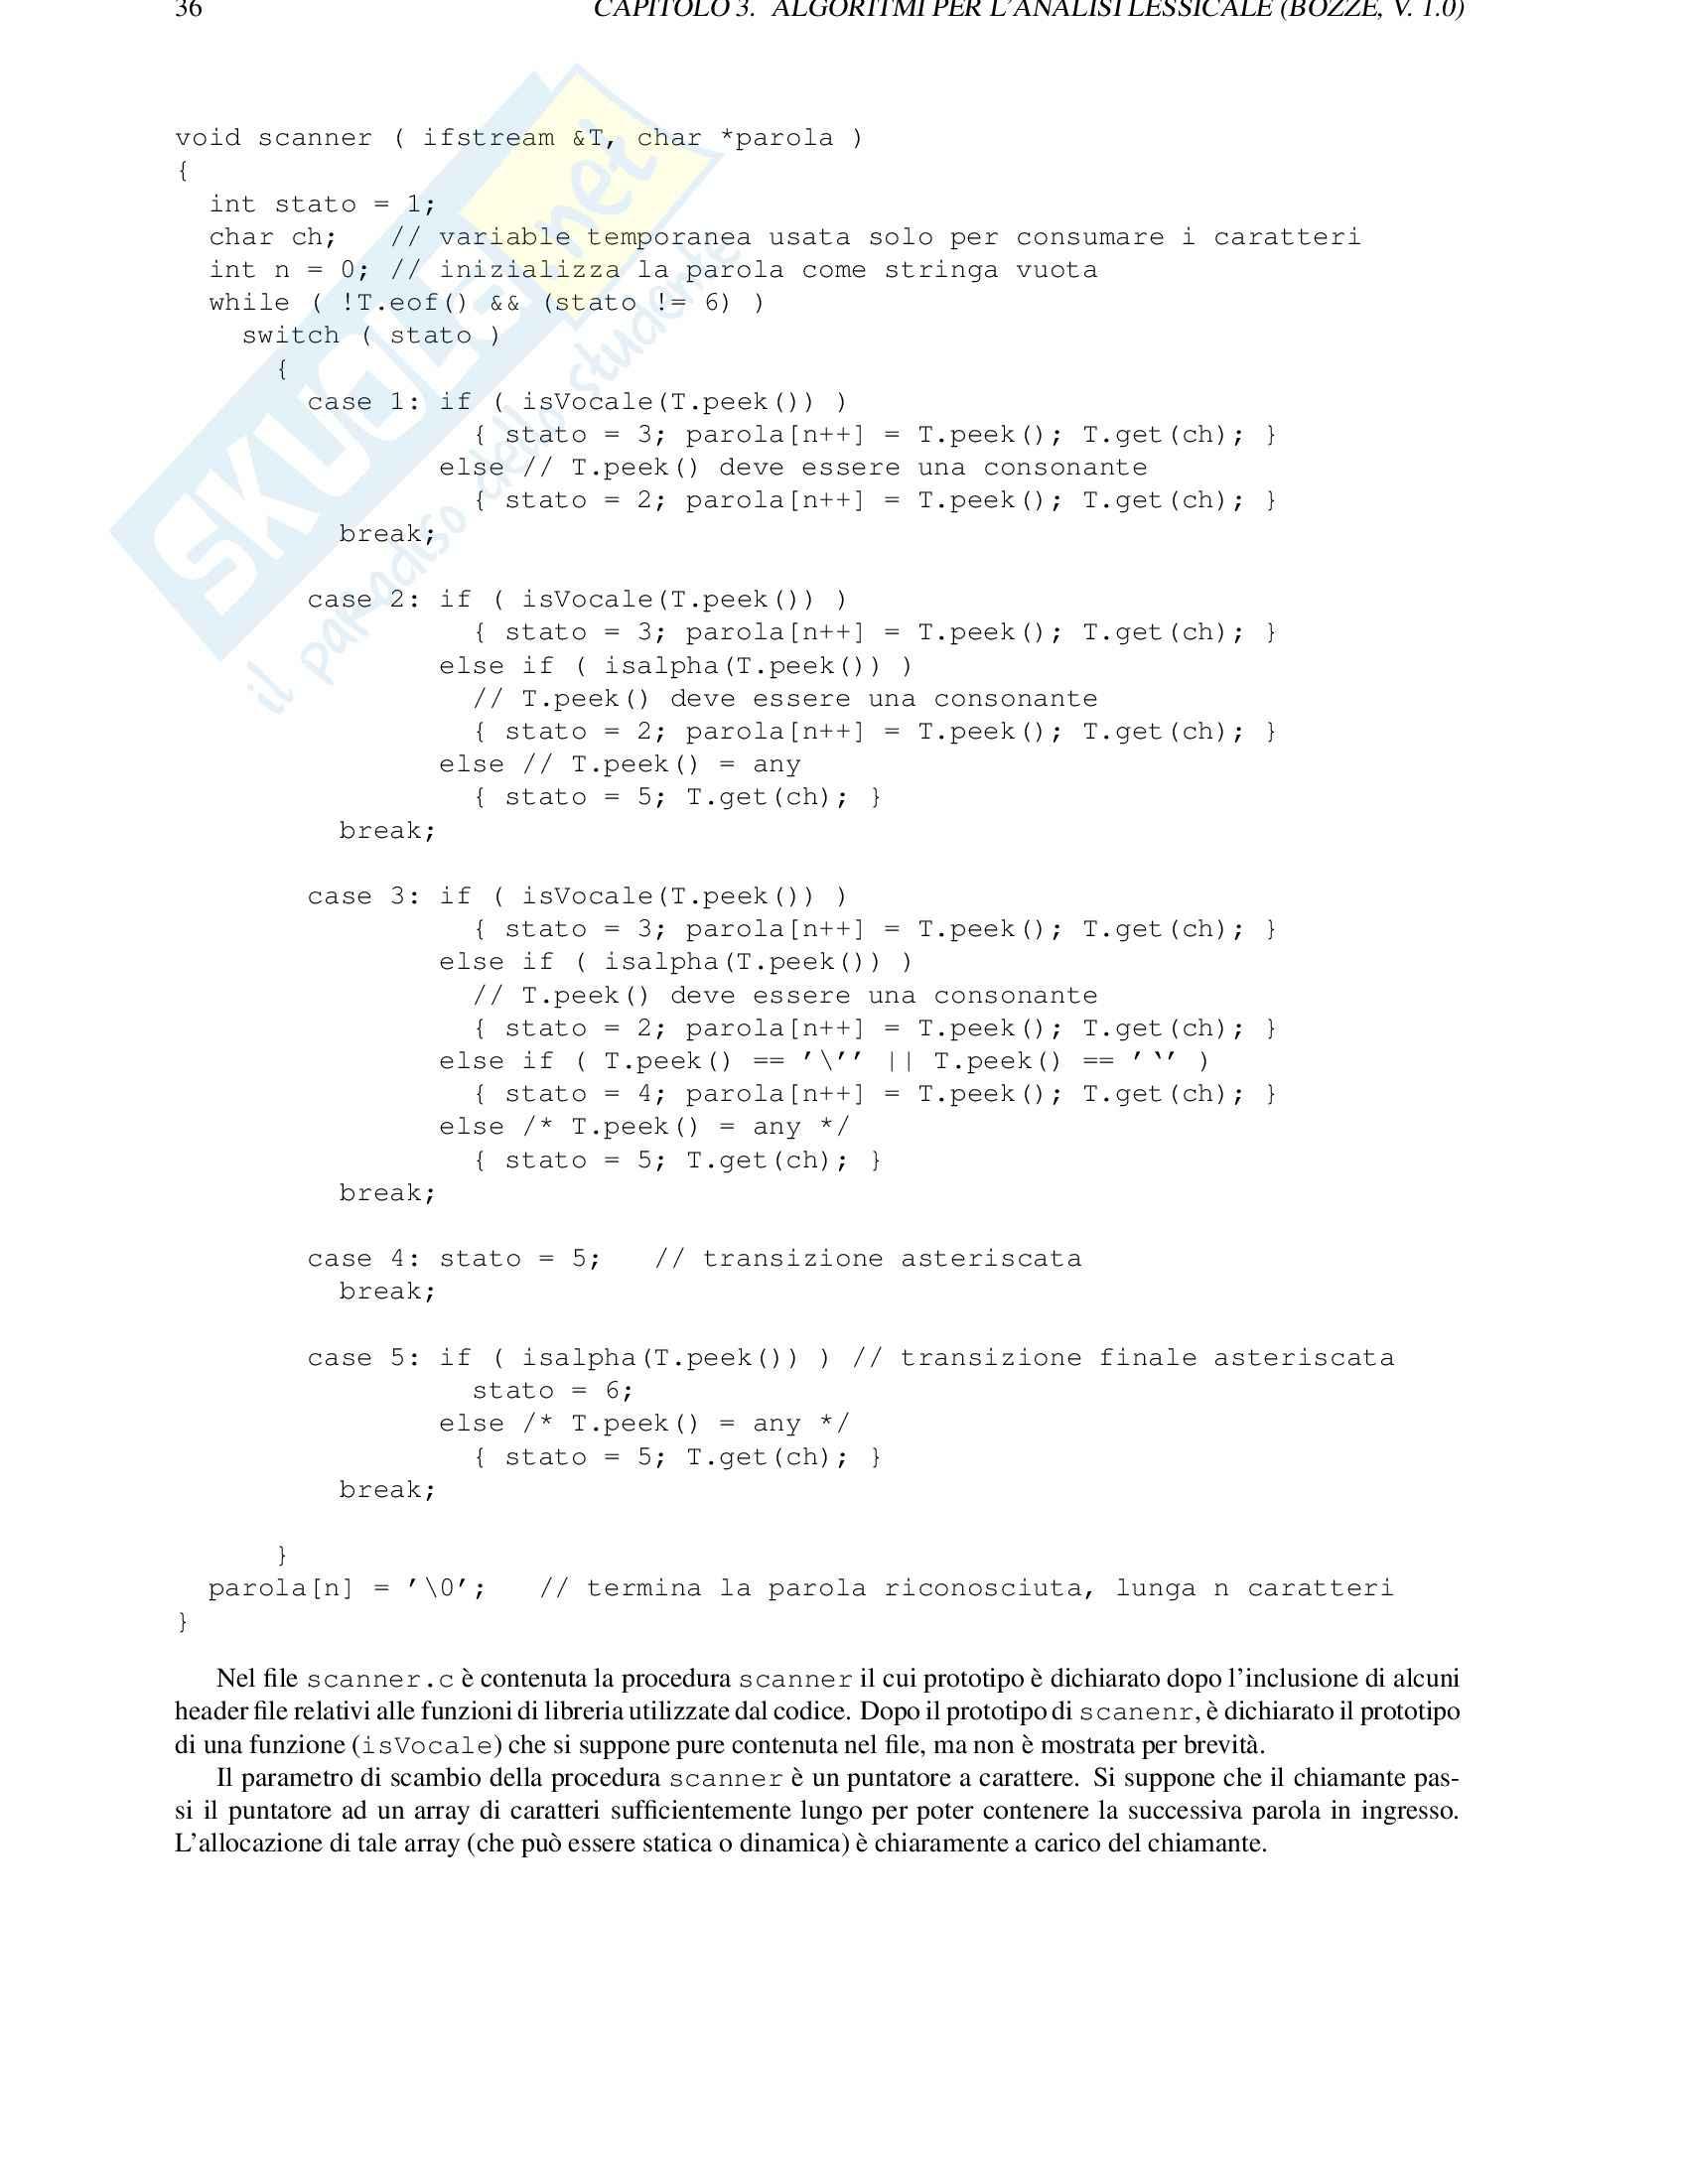 Algoritmi e strutture dati Pag. 36